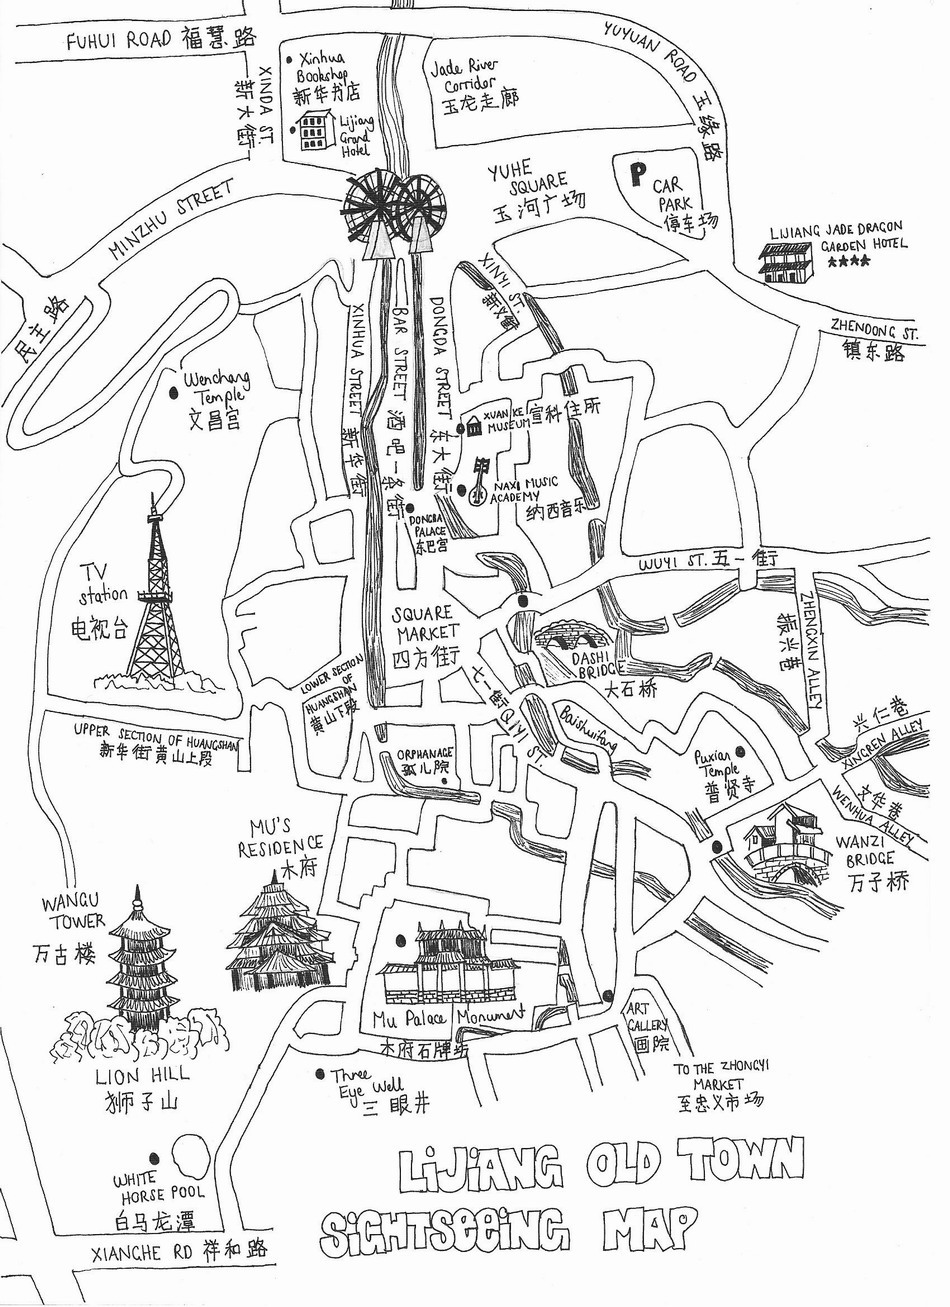 map20lijiang20town